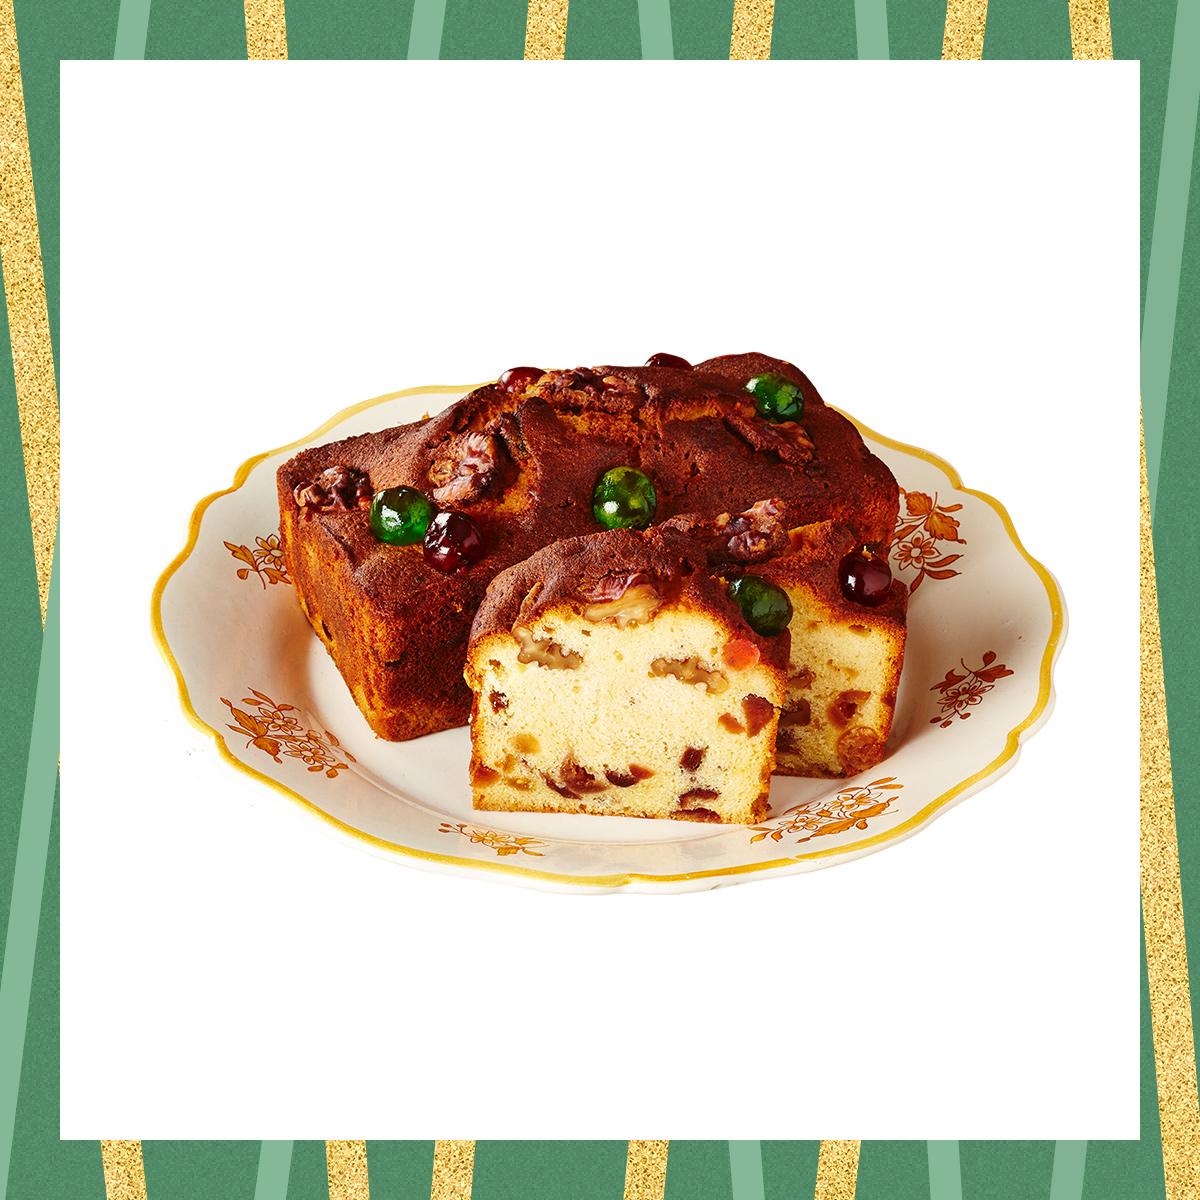 エディターAKIYAMA/この時季だけの楽しみを贈りたい! 鎌倉の名店のフルーツケーキ